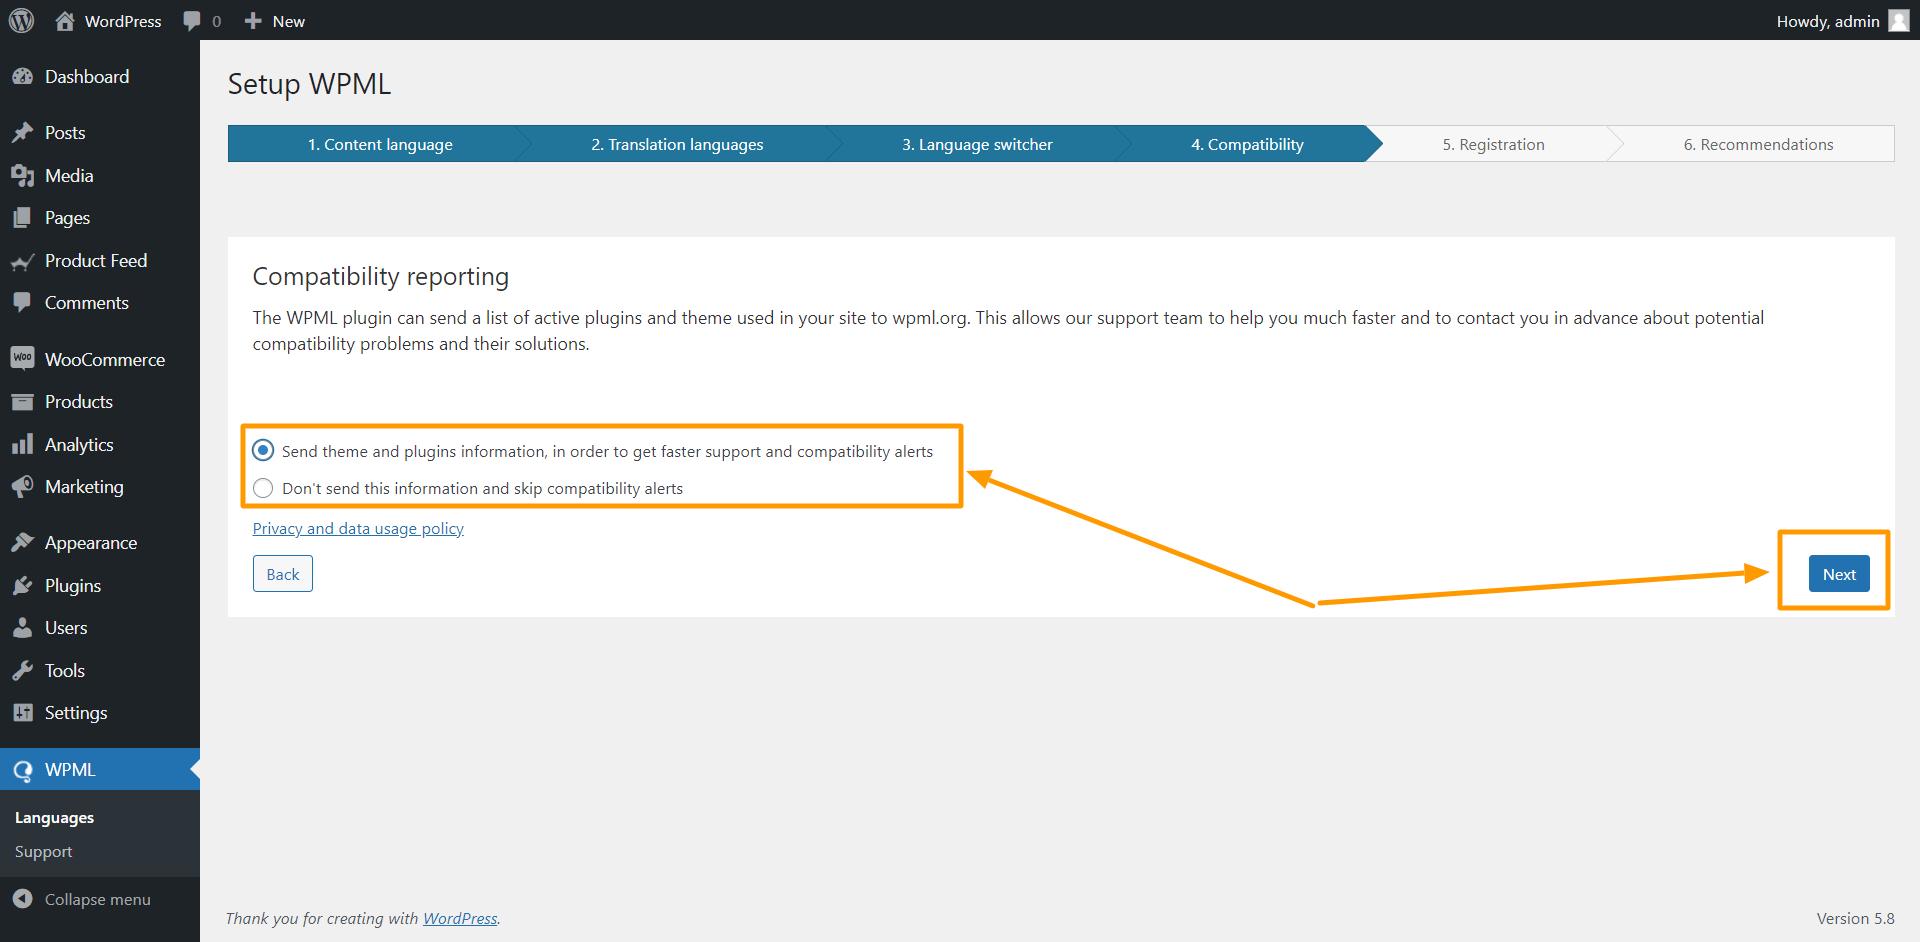 WPML Compatibility Reporting